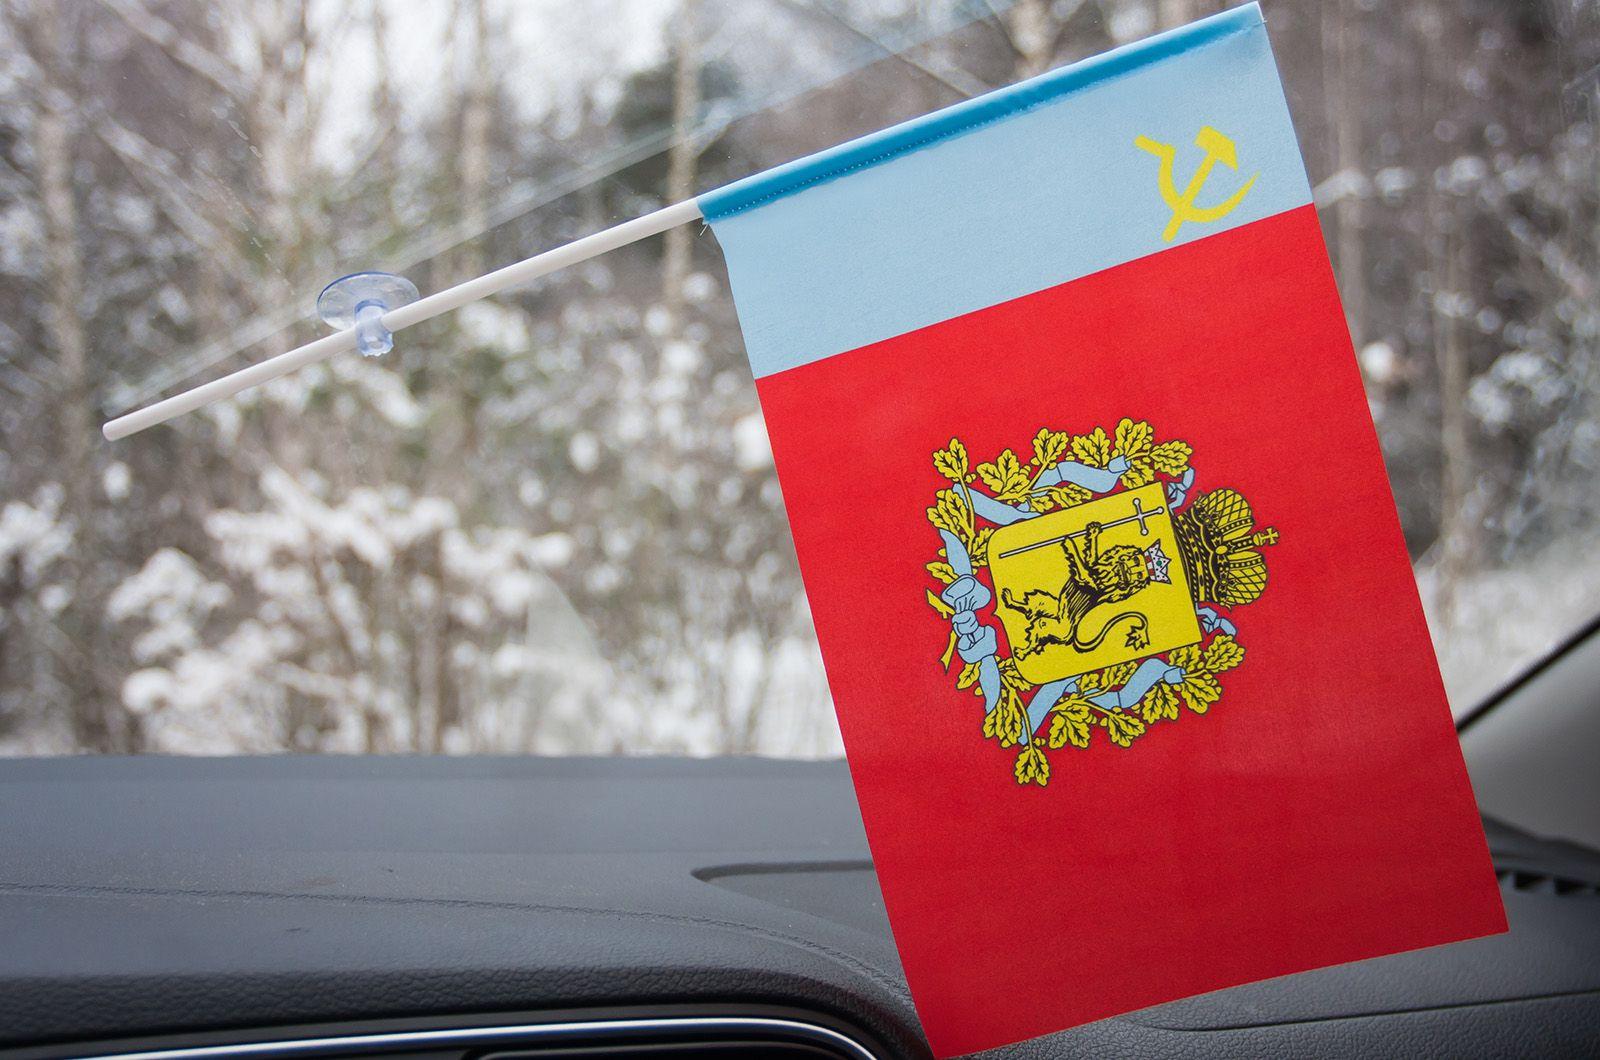 Флажок Владимирской области на присоске